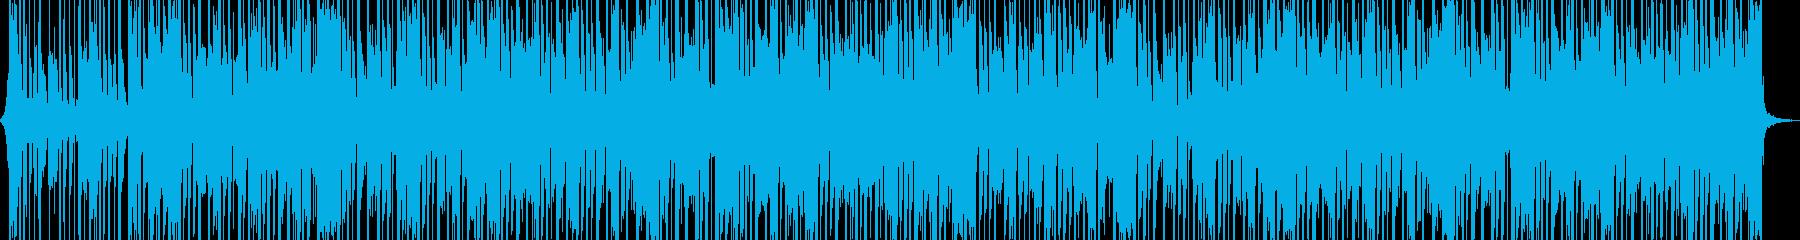 アップビートファンクディスコミュージックの再生済みの波形